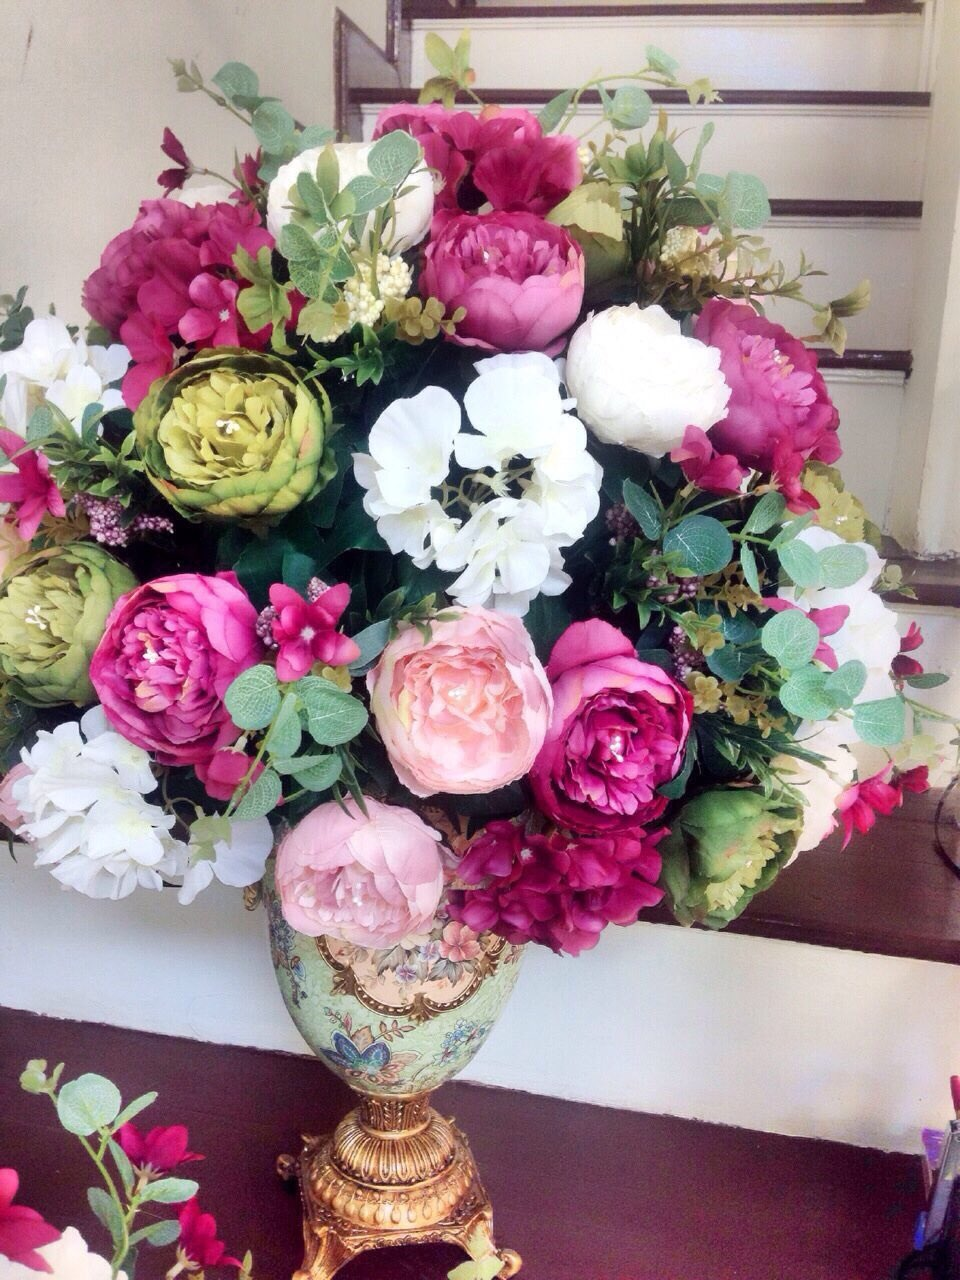 Bình hoa hồng trà kết hợp cẩm tú cầu phong cách Châu Âu tân cổ điển với gam màu sang trọng